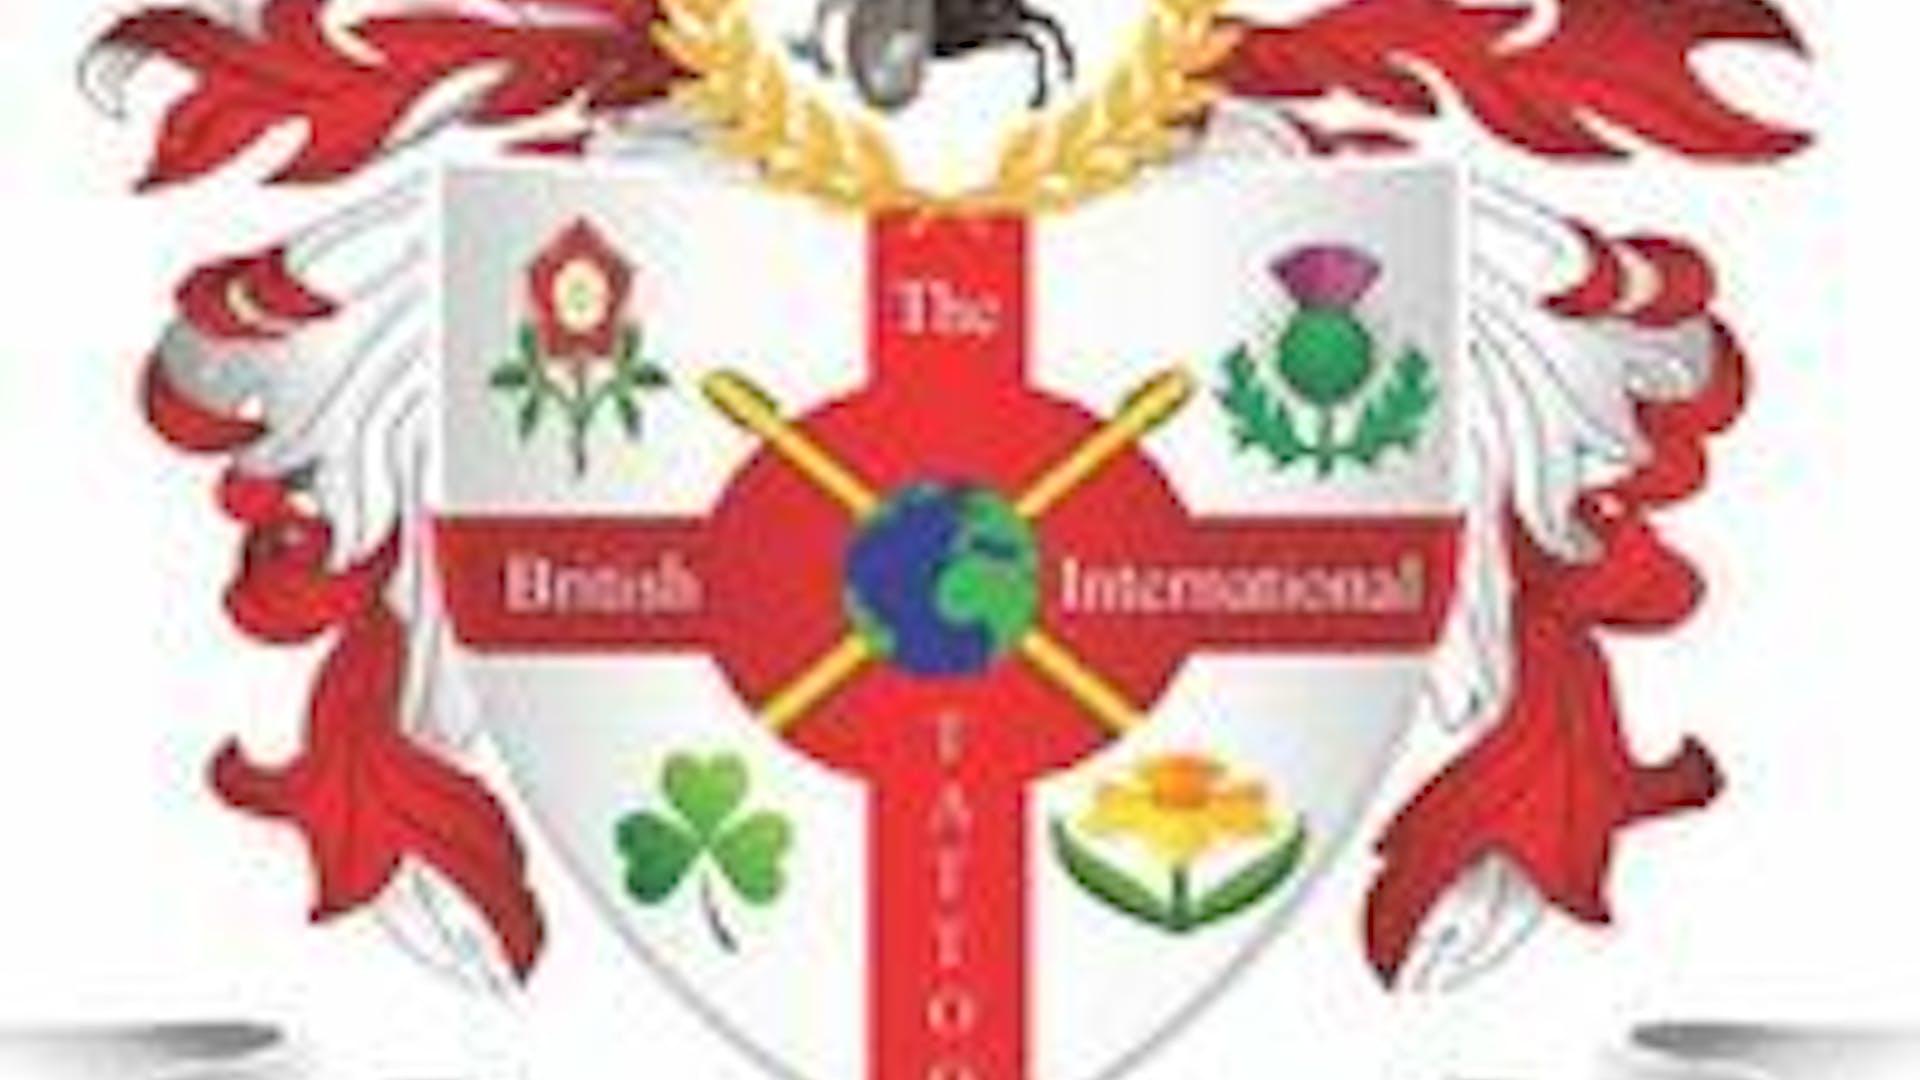 The British International Tattoo